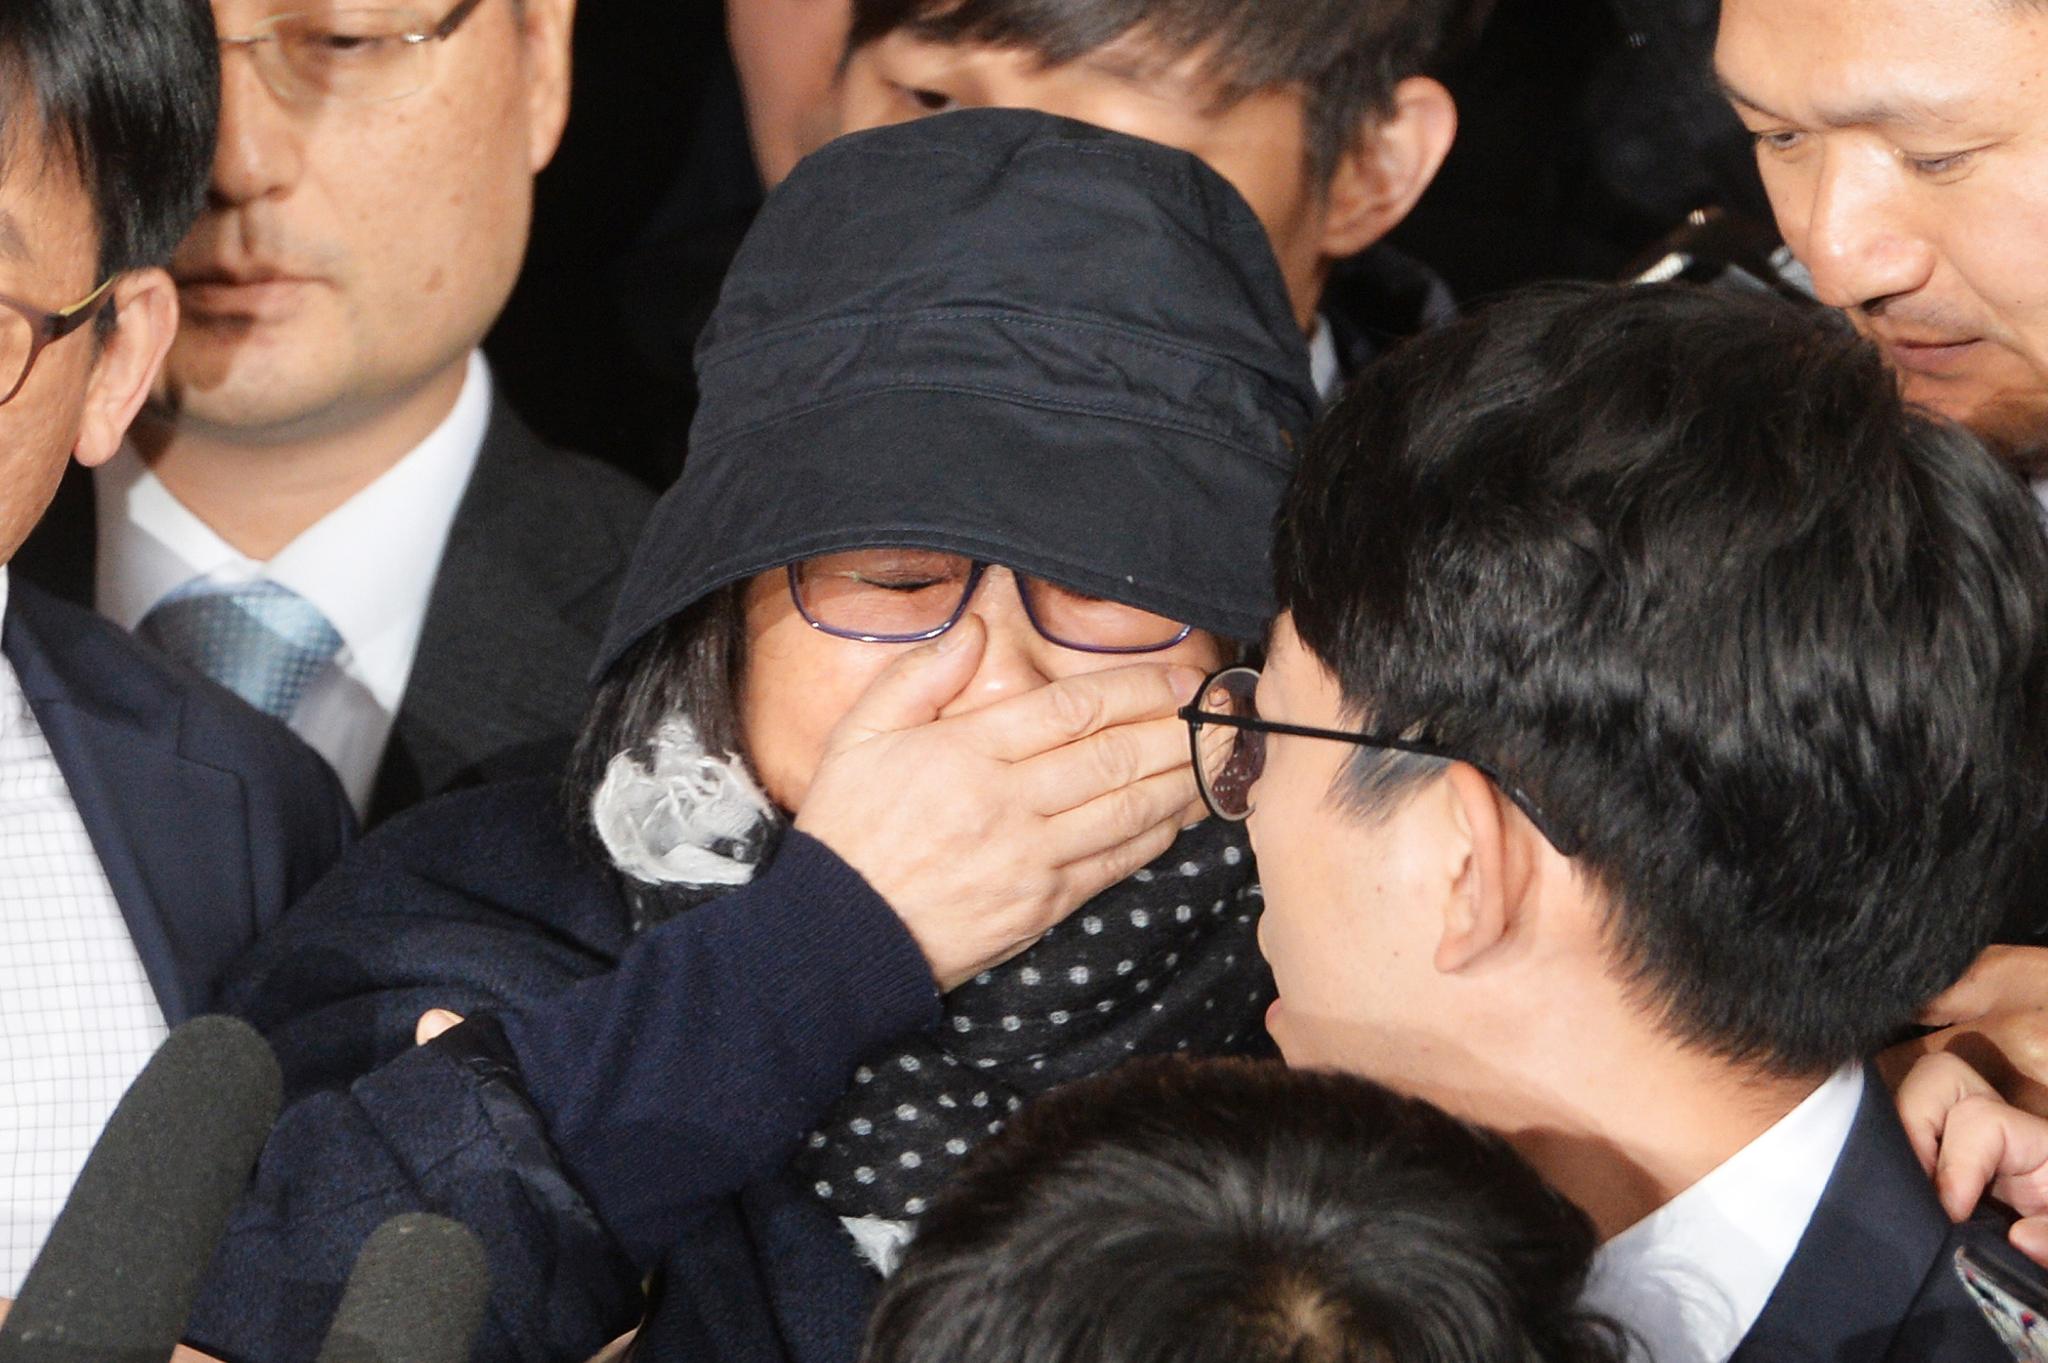 최순실씨가 2016년 10월 31일 오후 서울중앙지검으로 출석하며 취재진의 질문을 받고 있다. 김상선 기자